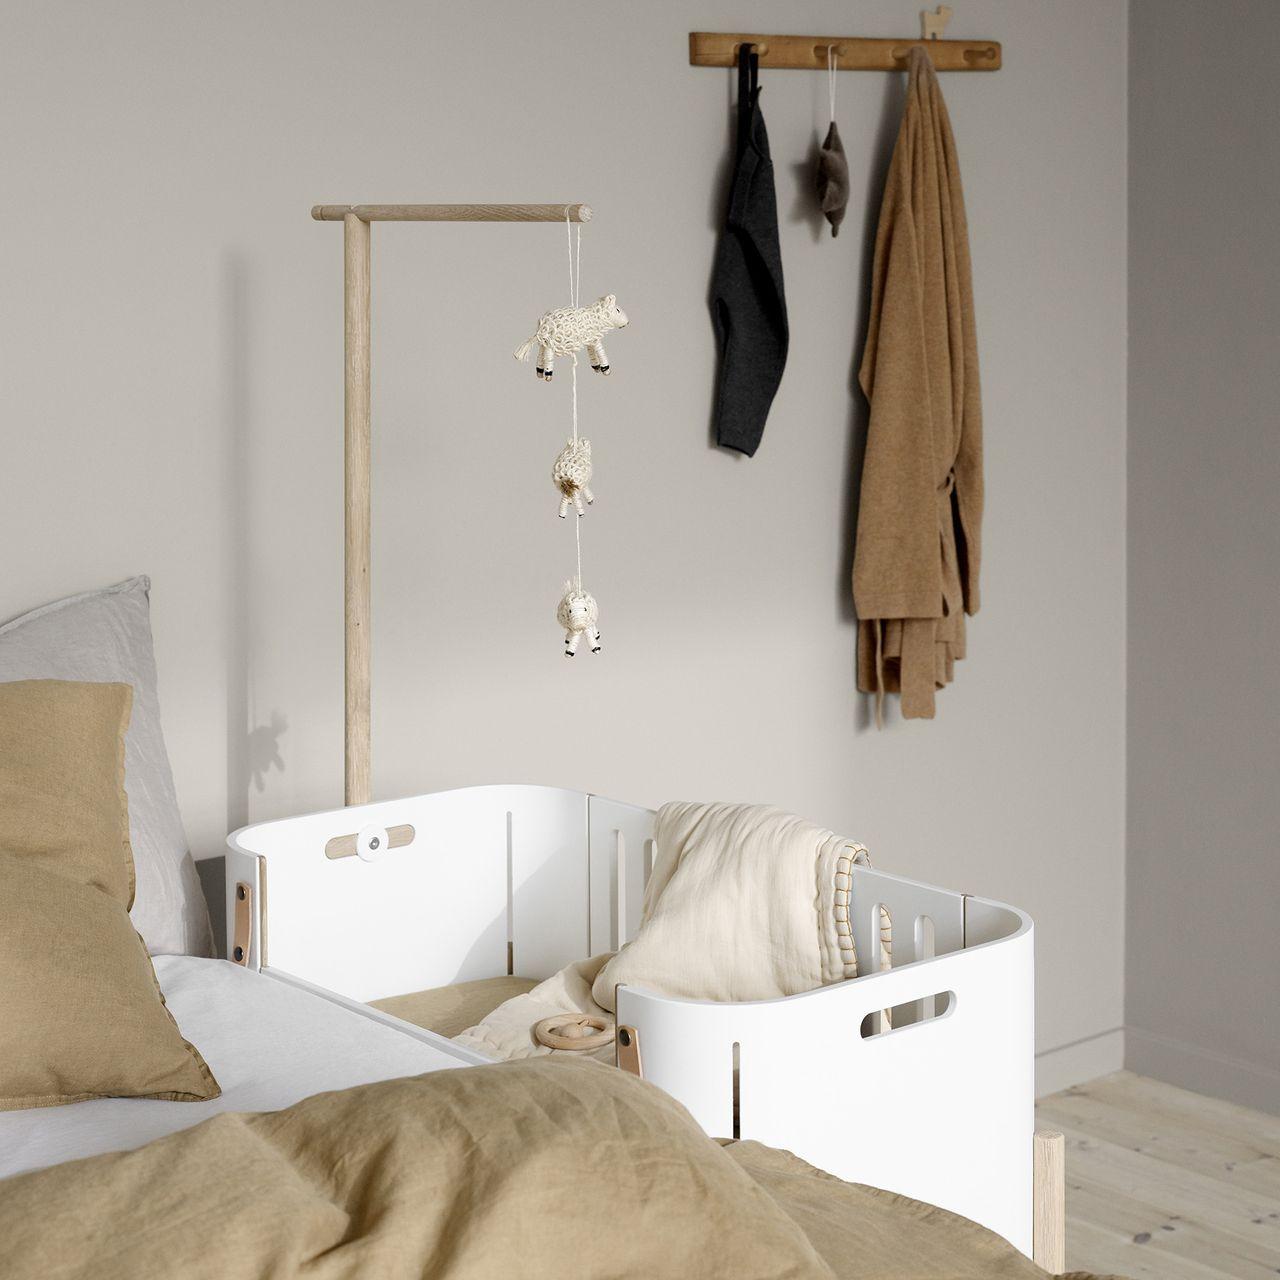 Beistellbett Wood von Oliver Furniture in Berlin kaufen - Kleine Fabriek